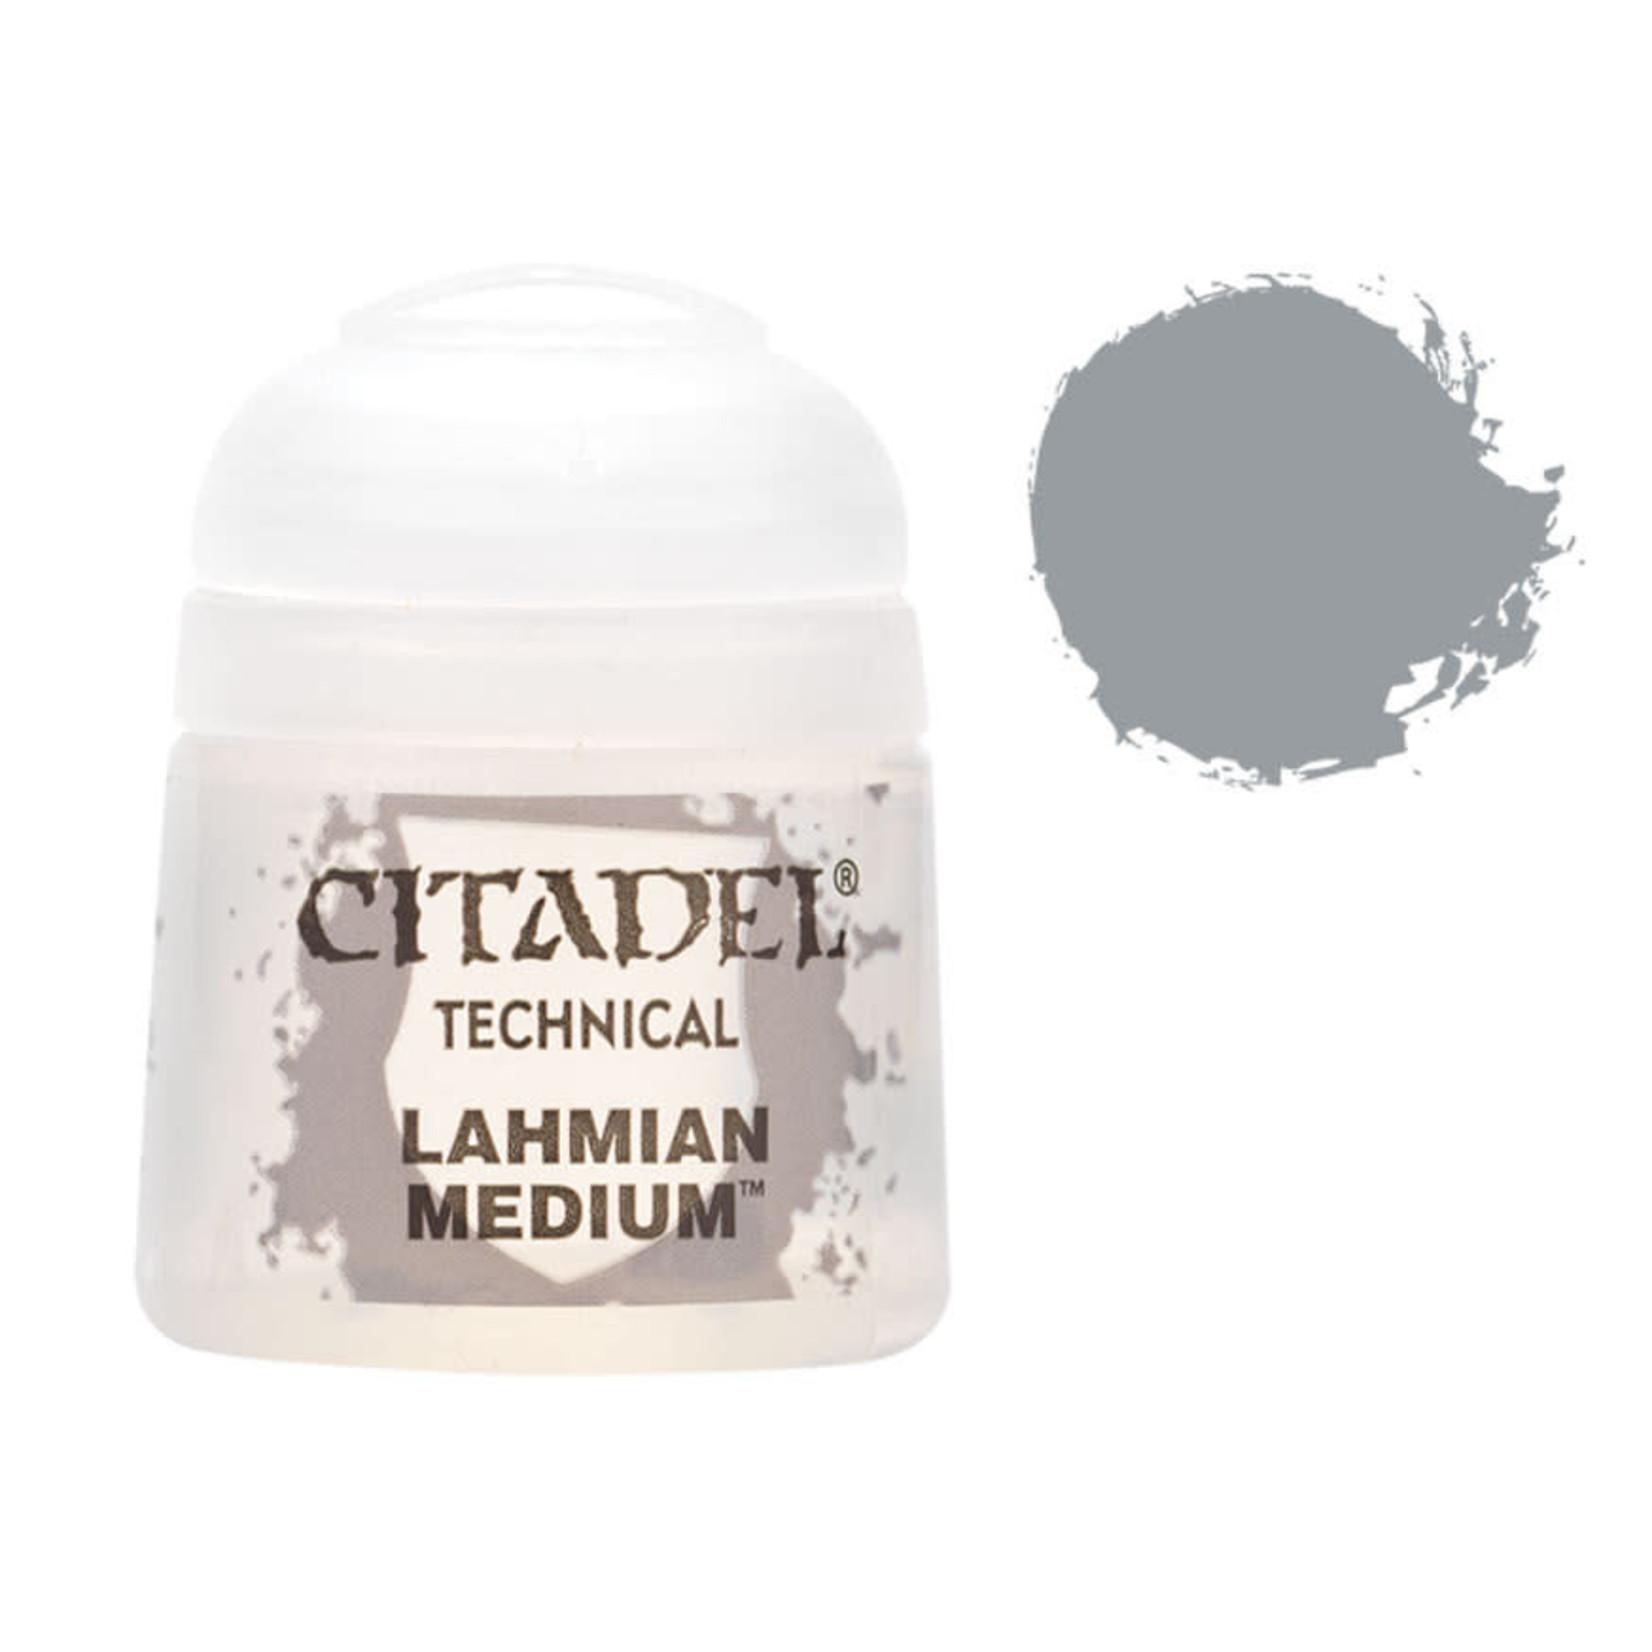 Citadel Citadel Paint - Technical: Lahmian Medium